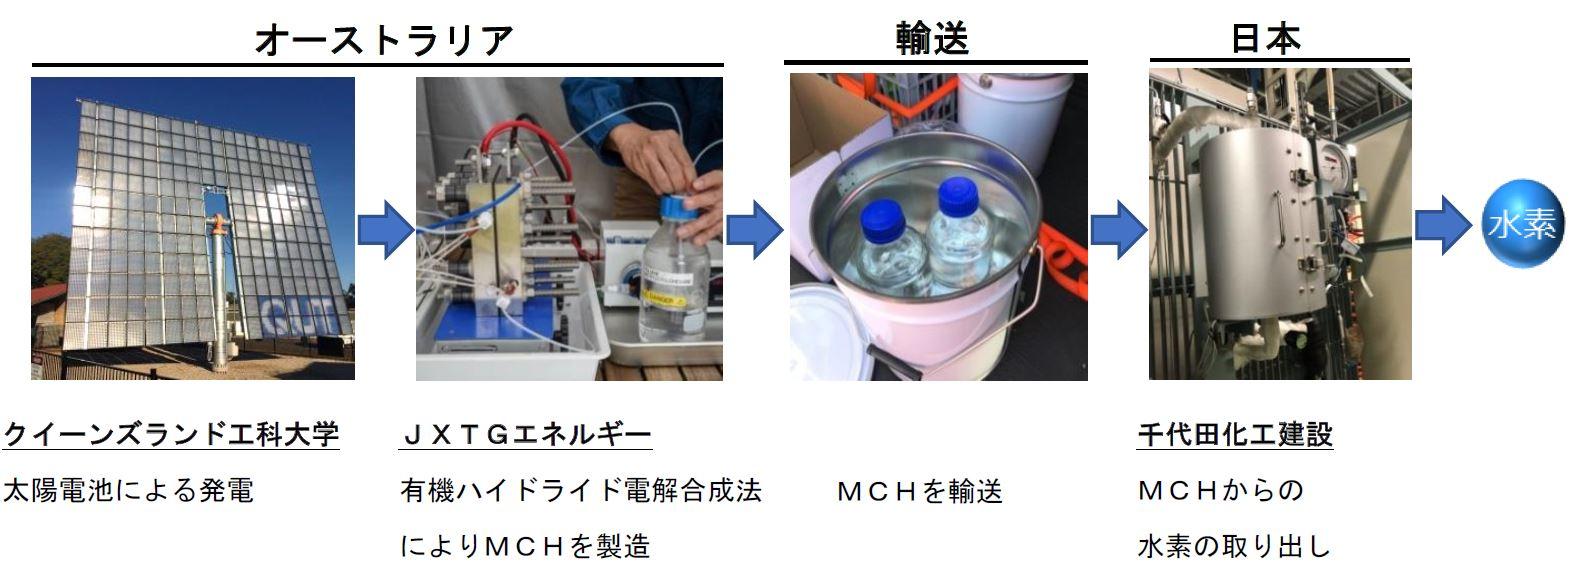 クイーンズランド工科大学 太陽電池による発電、JXTGエネルギー 有機ハイドライド電解合成法によりMCHを製造、MCHを輸送、千代田化工建設 MCHからの 水素の取り出し